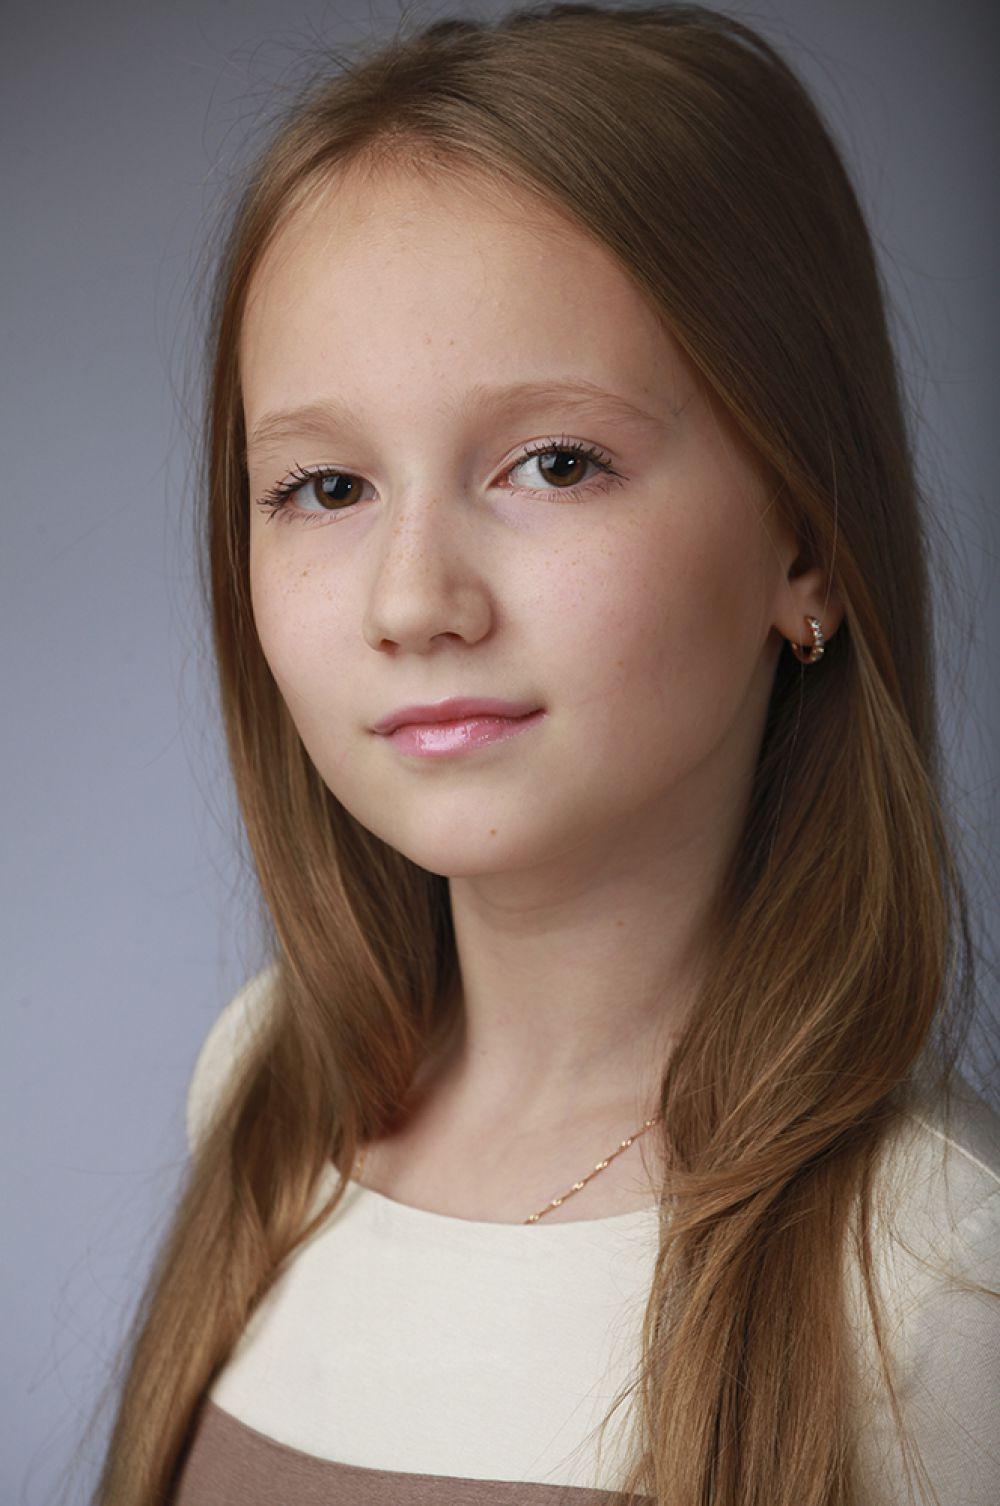 Мария Щербакова, 12 лет, 8-ой конкурс красоты и талантов  «Маленькая Мисс Вятка-2016». Средняя группа.